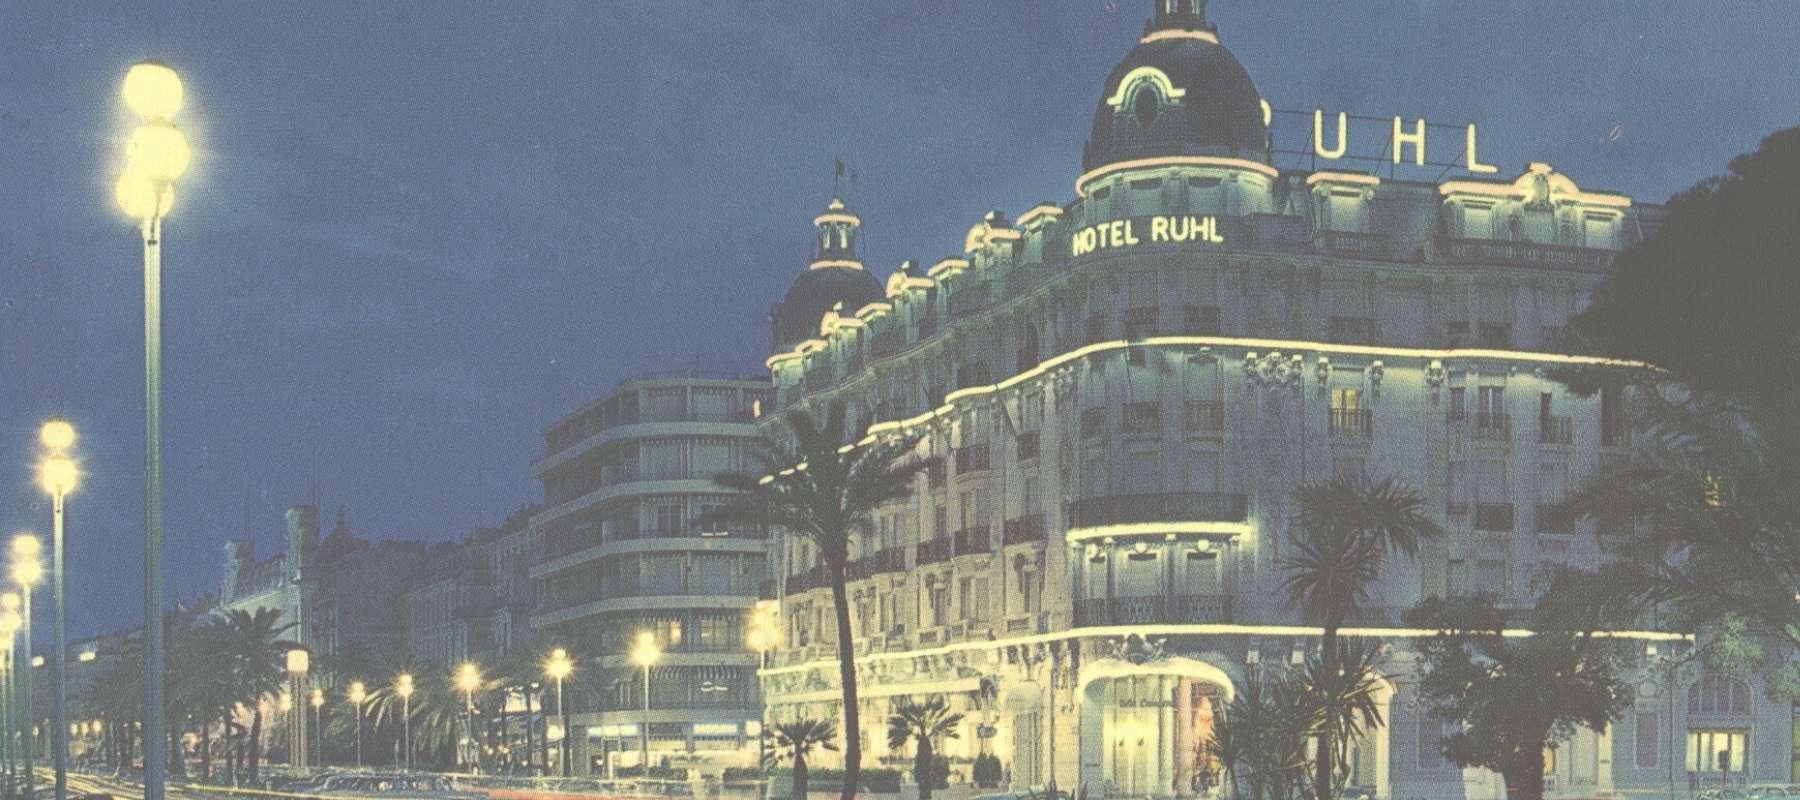 L'hôtel Ruhl à Nice, palace sur la Promenade des Anglais, disparu